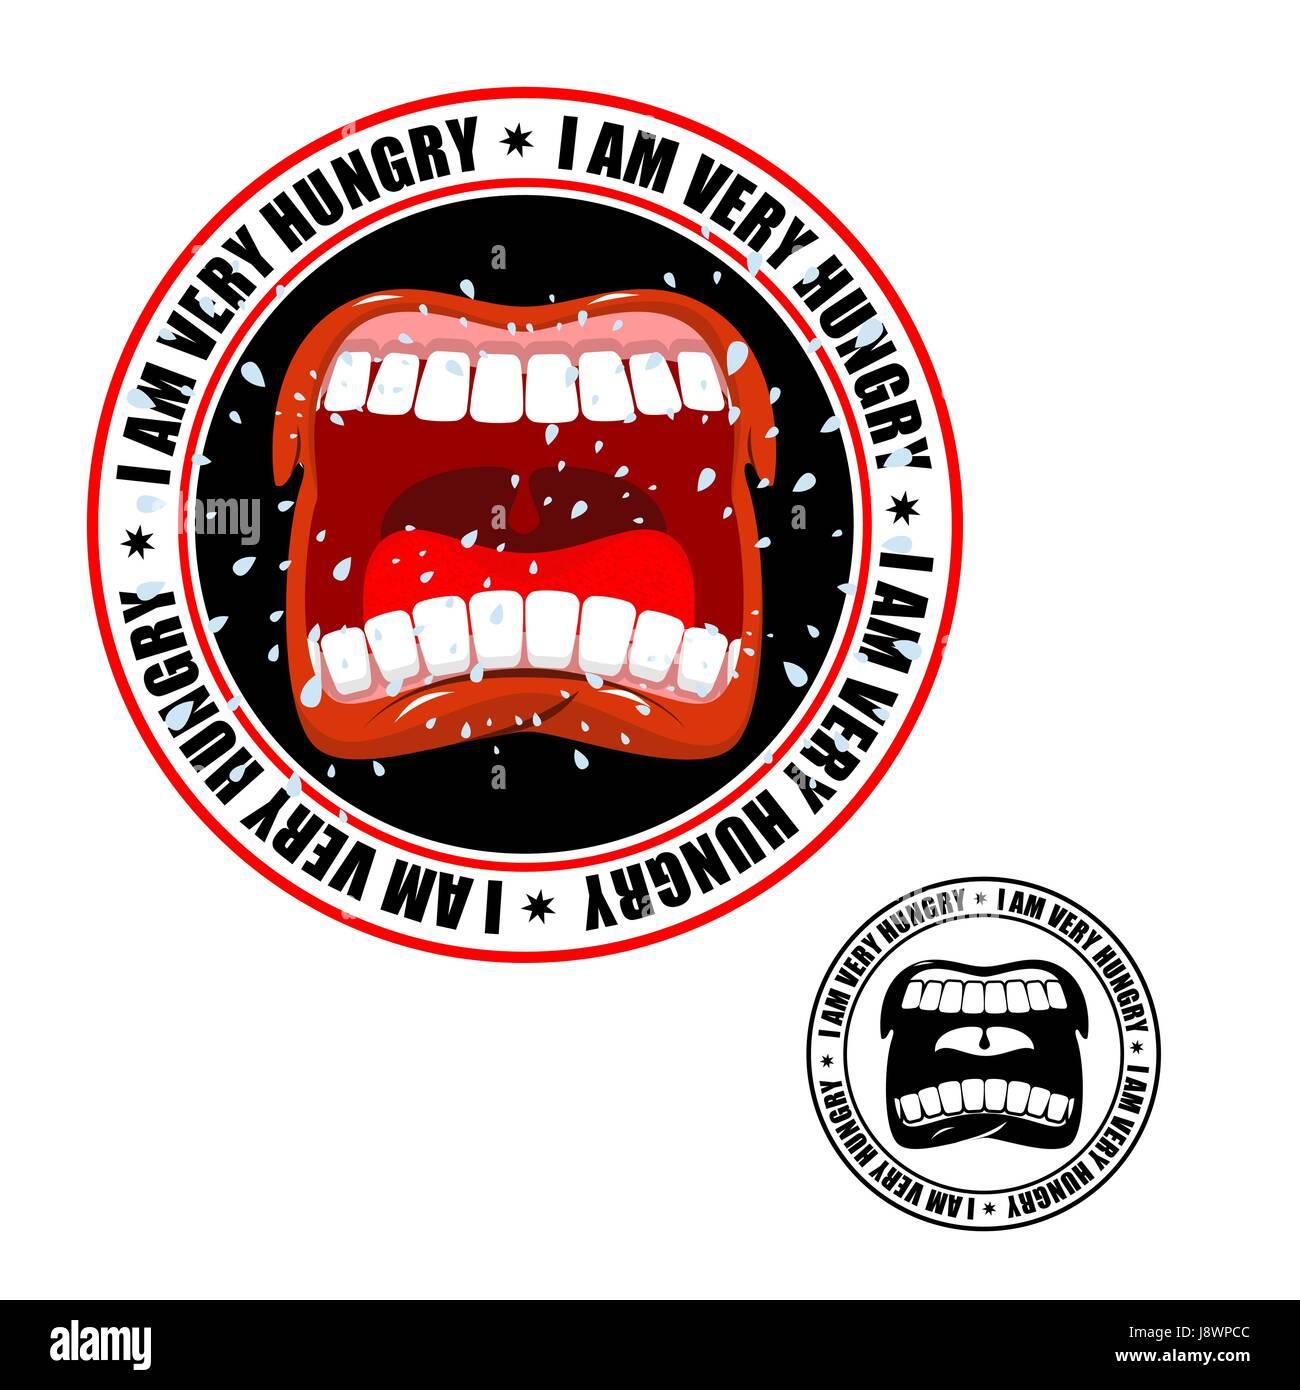 Estoy muy hambriento sello. Impresión de personas hambrientas. Abrir la boca y los dientes. Babeo volador Ilustración del Vector